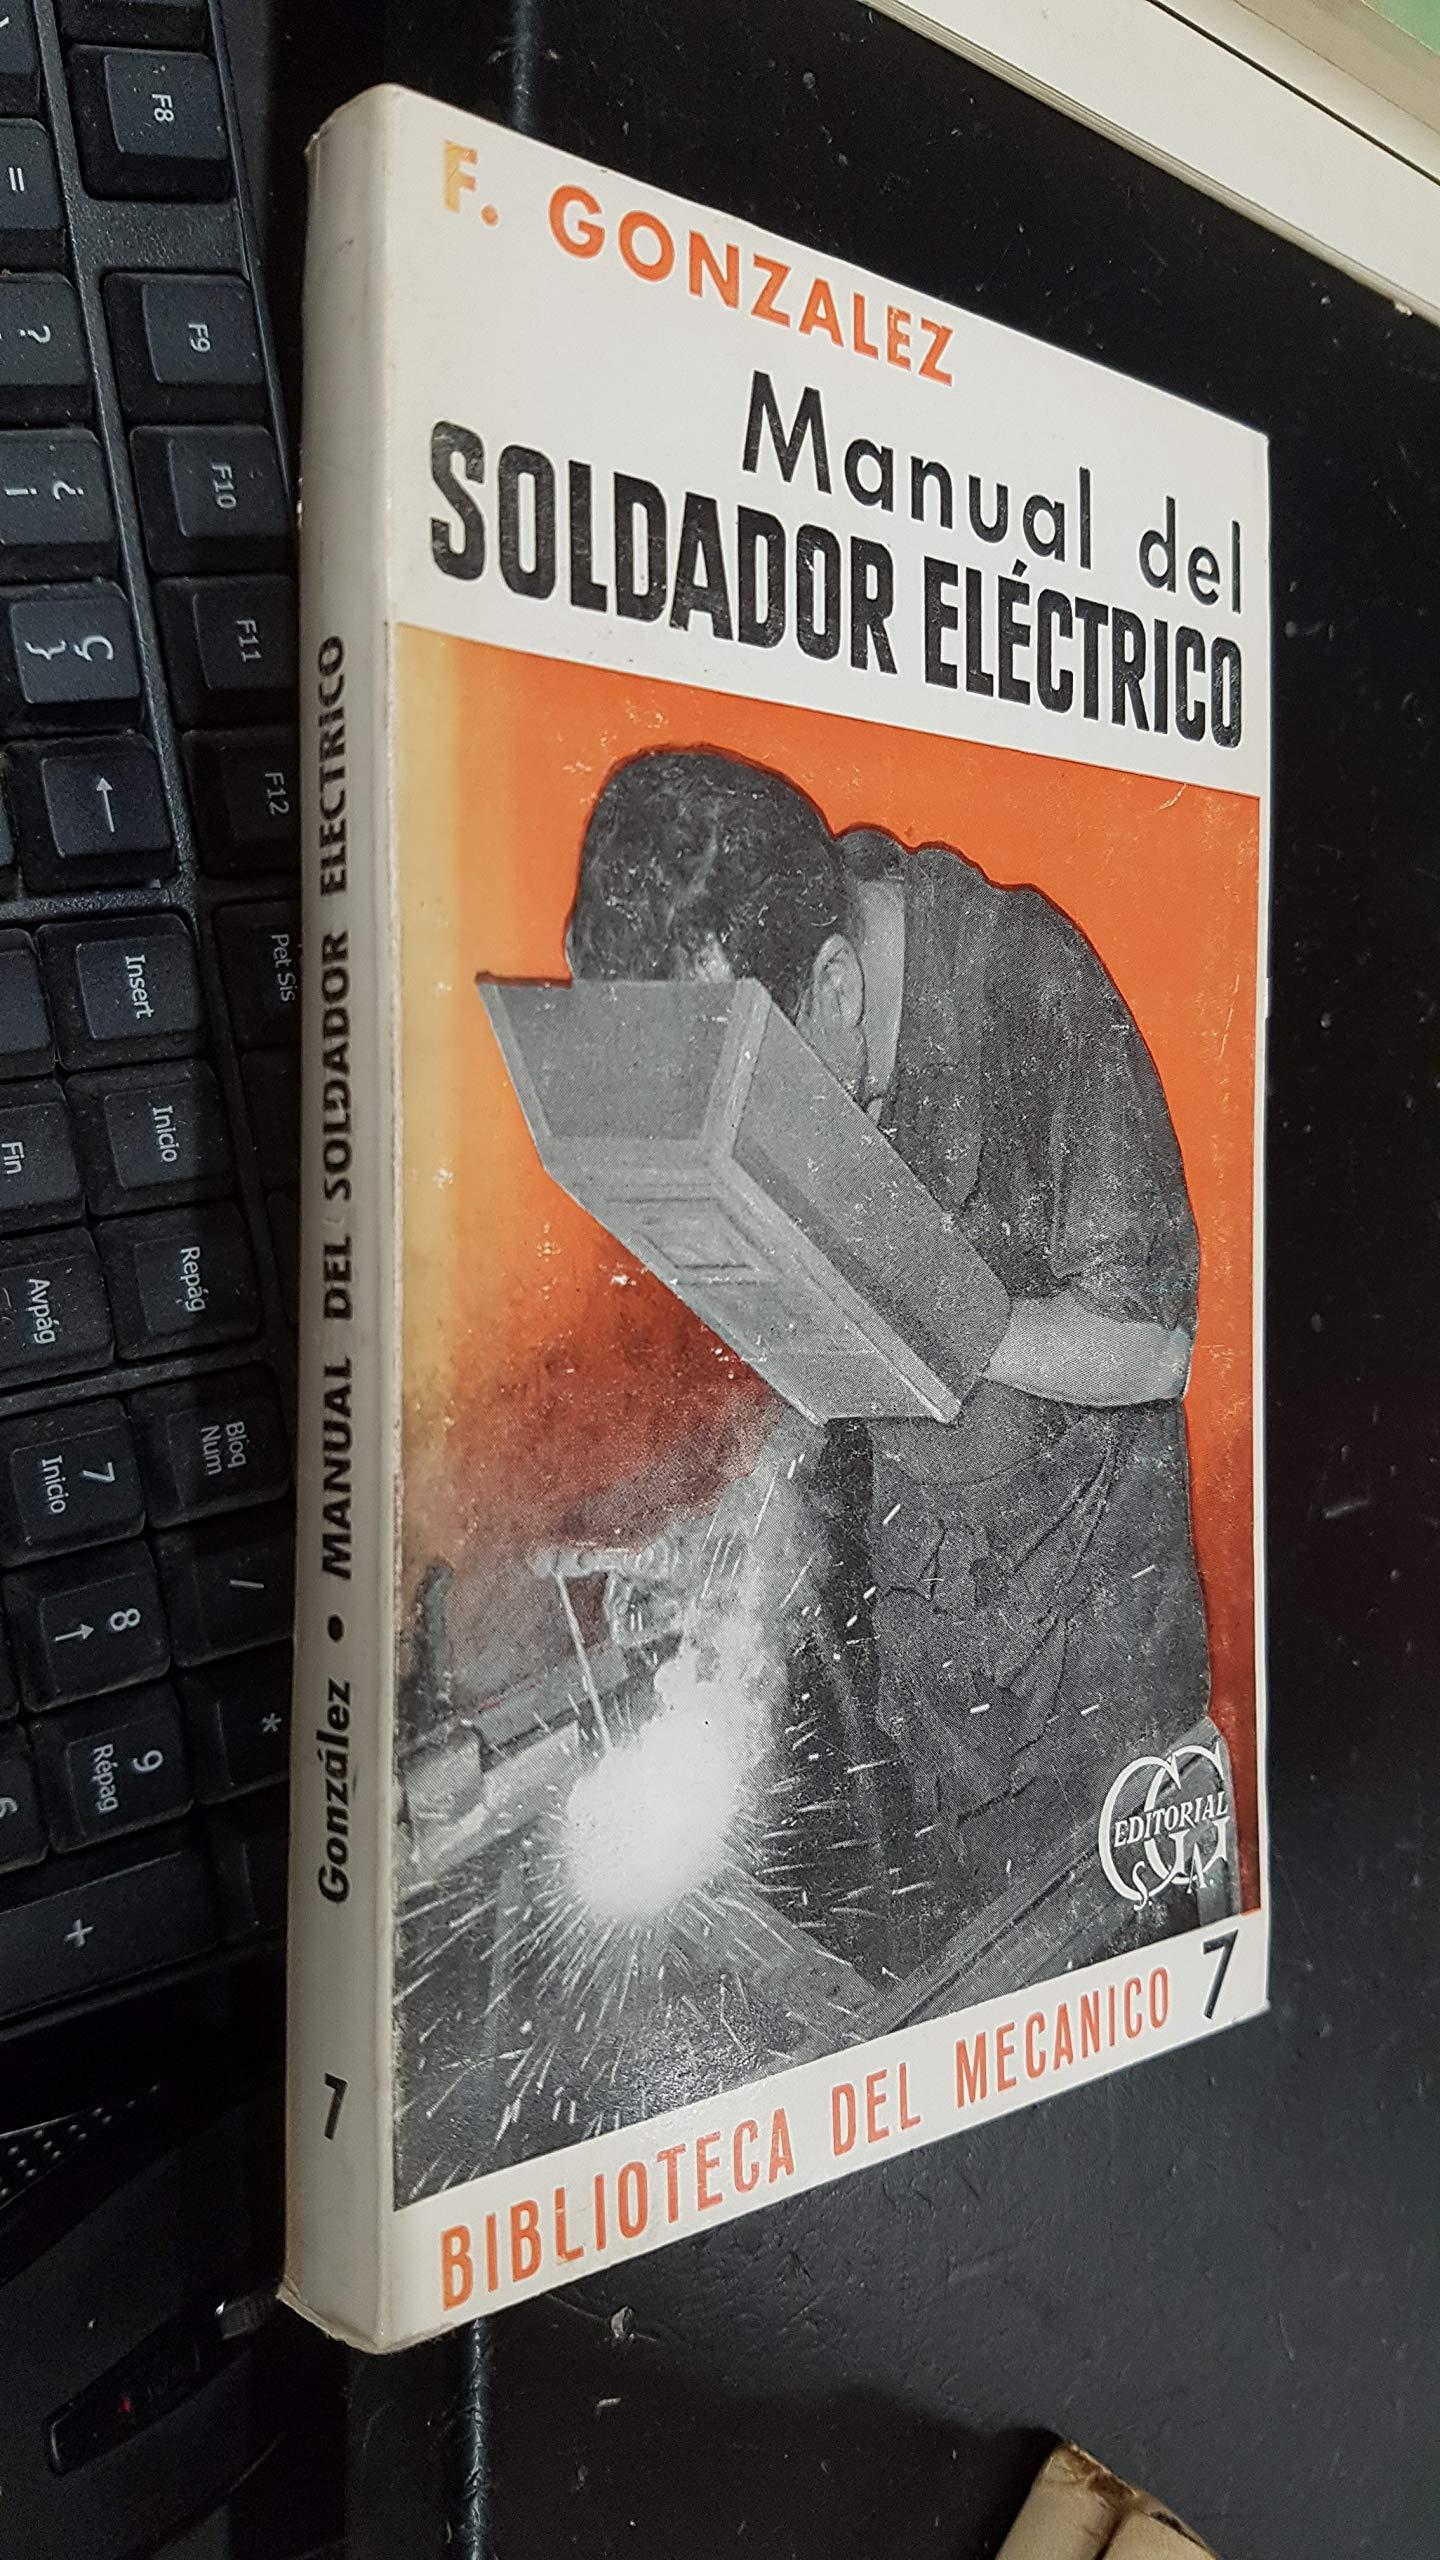 Manual práctico del soldador eléctrico Biblioteca del mecánico: Amazon.es: Florentino González Blanco: Libros